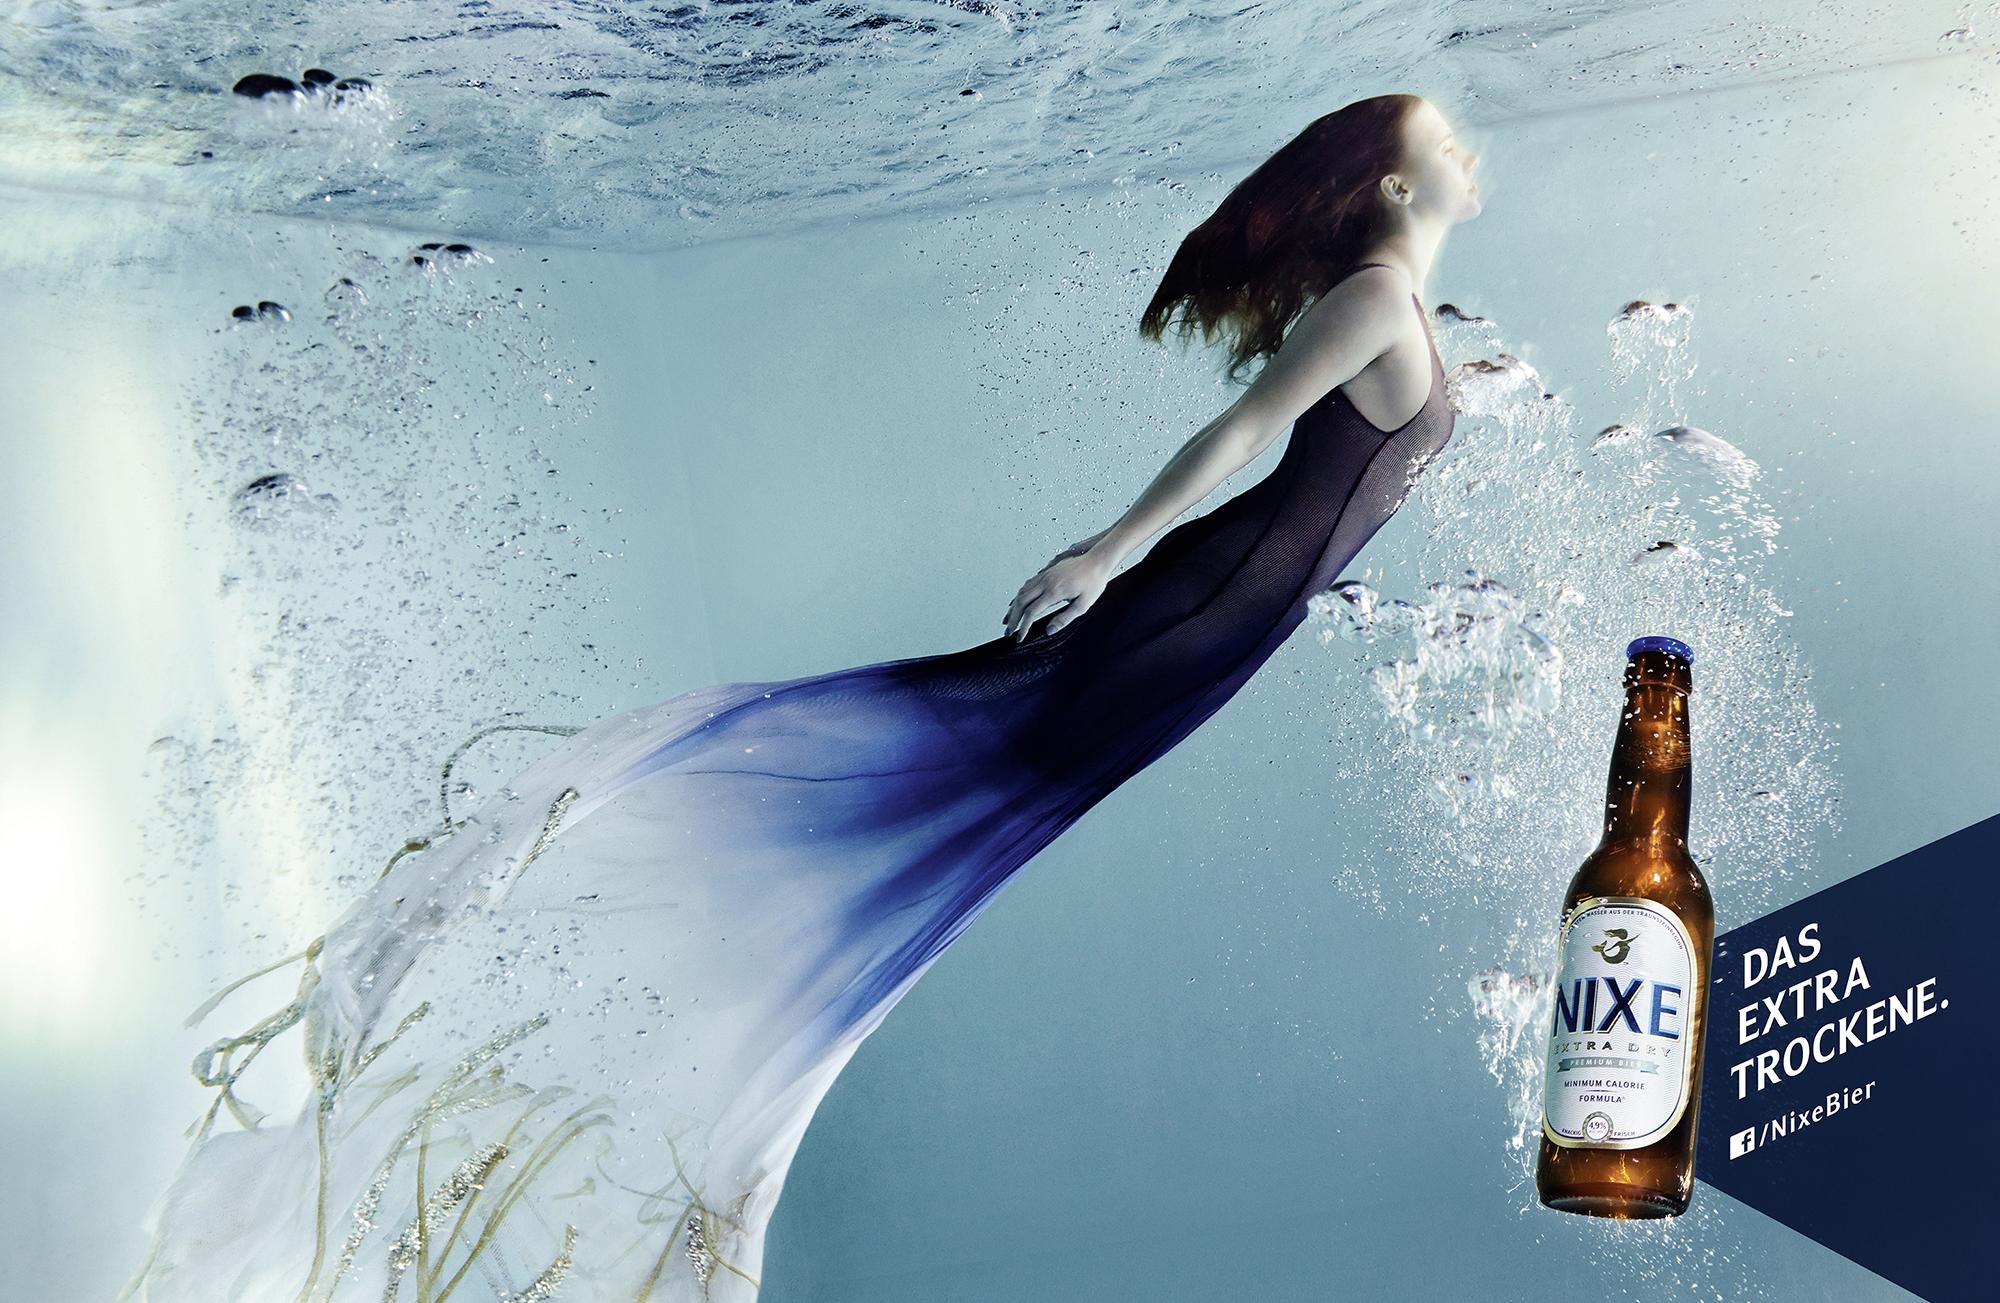 NIXE Underwater girl